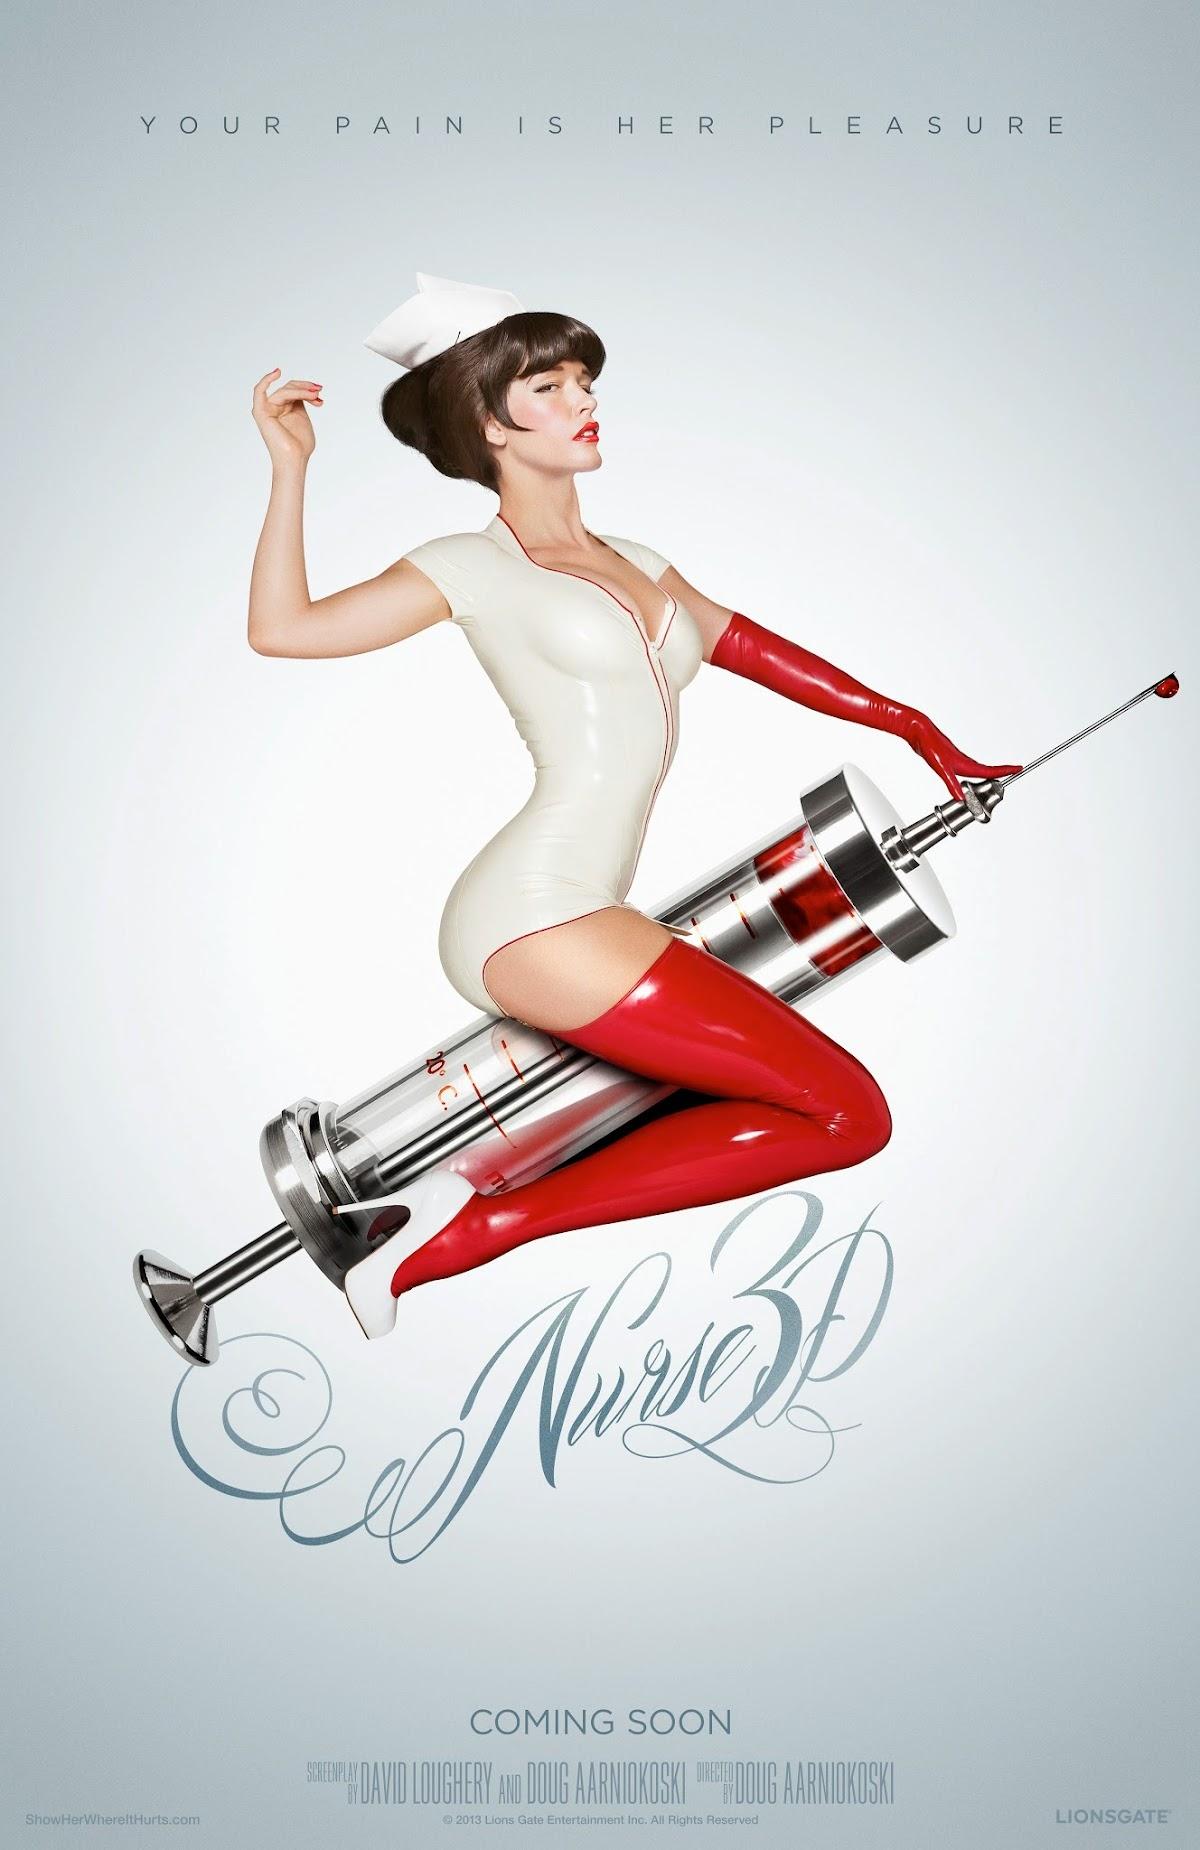 http://1.bp.blogspot.com/-DPk8jQUhuBc/UrSf545EmbI/AAAAAAAAdoI/NubUCy88_E8/s1850/nurse-3d-poster.jpg